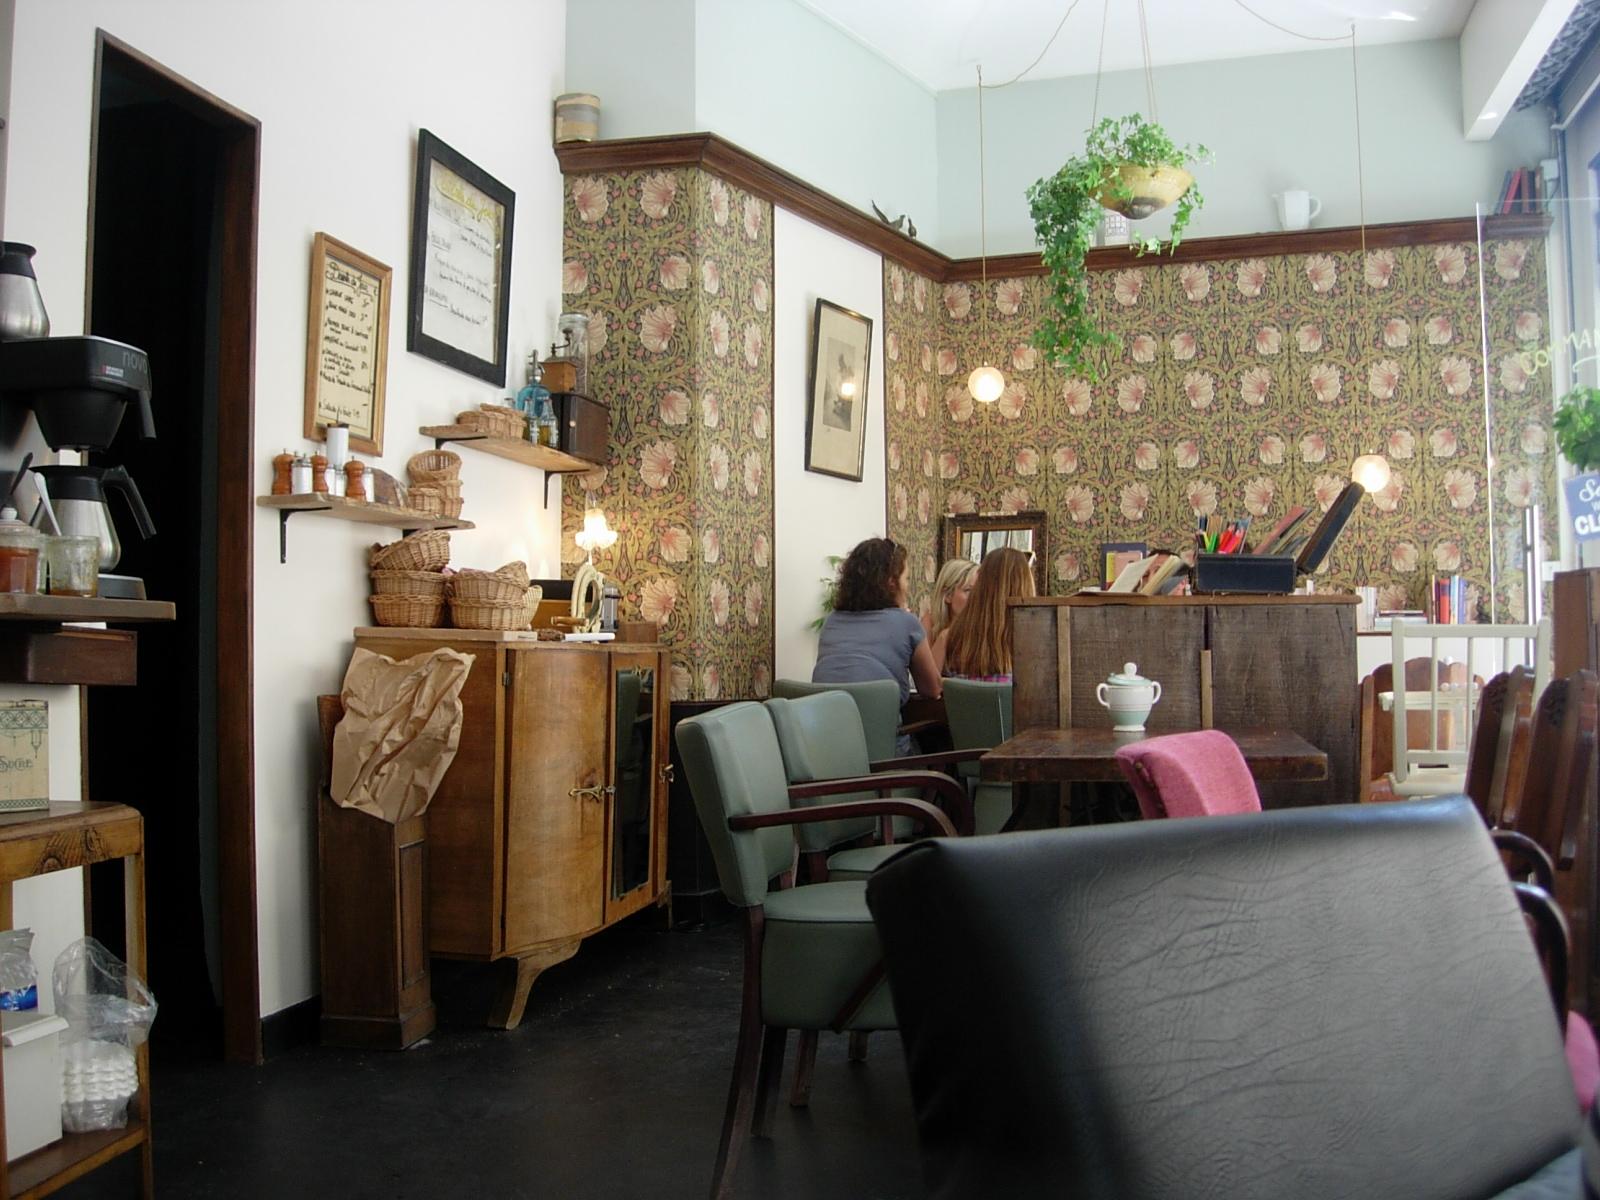 bruncher dans la chambre aux oiseaux mademoiselle bon plan. Black Bedroom Furniture Sets. Home Design Ideas